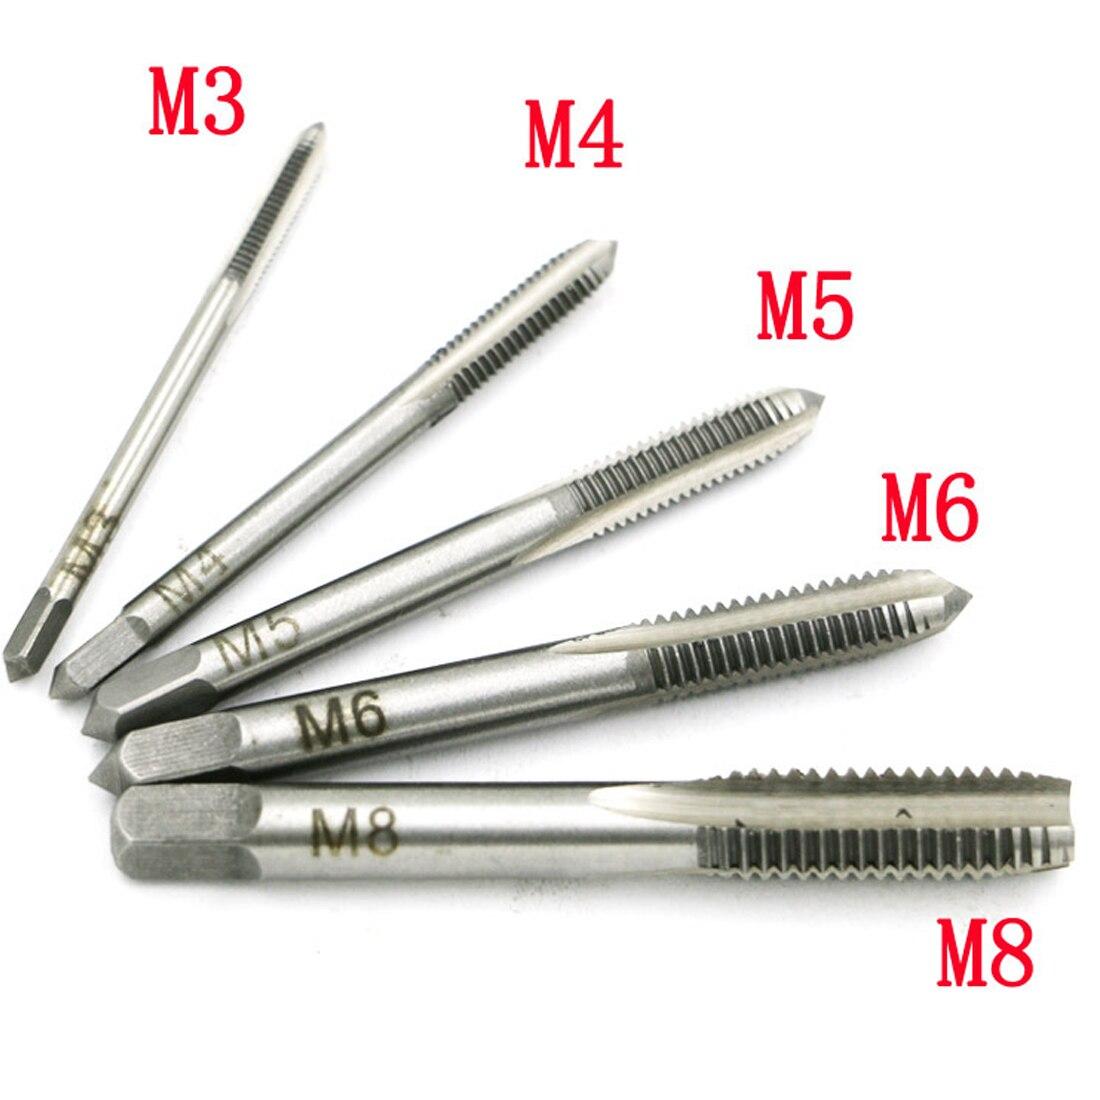 5pcs Screw Thread Tap Drill Bit HSS M3/M4/M5/M6/M8 Spiral Point Straight Fluted Screw Hand Tap Drill Set Hand Tools